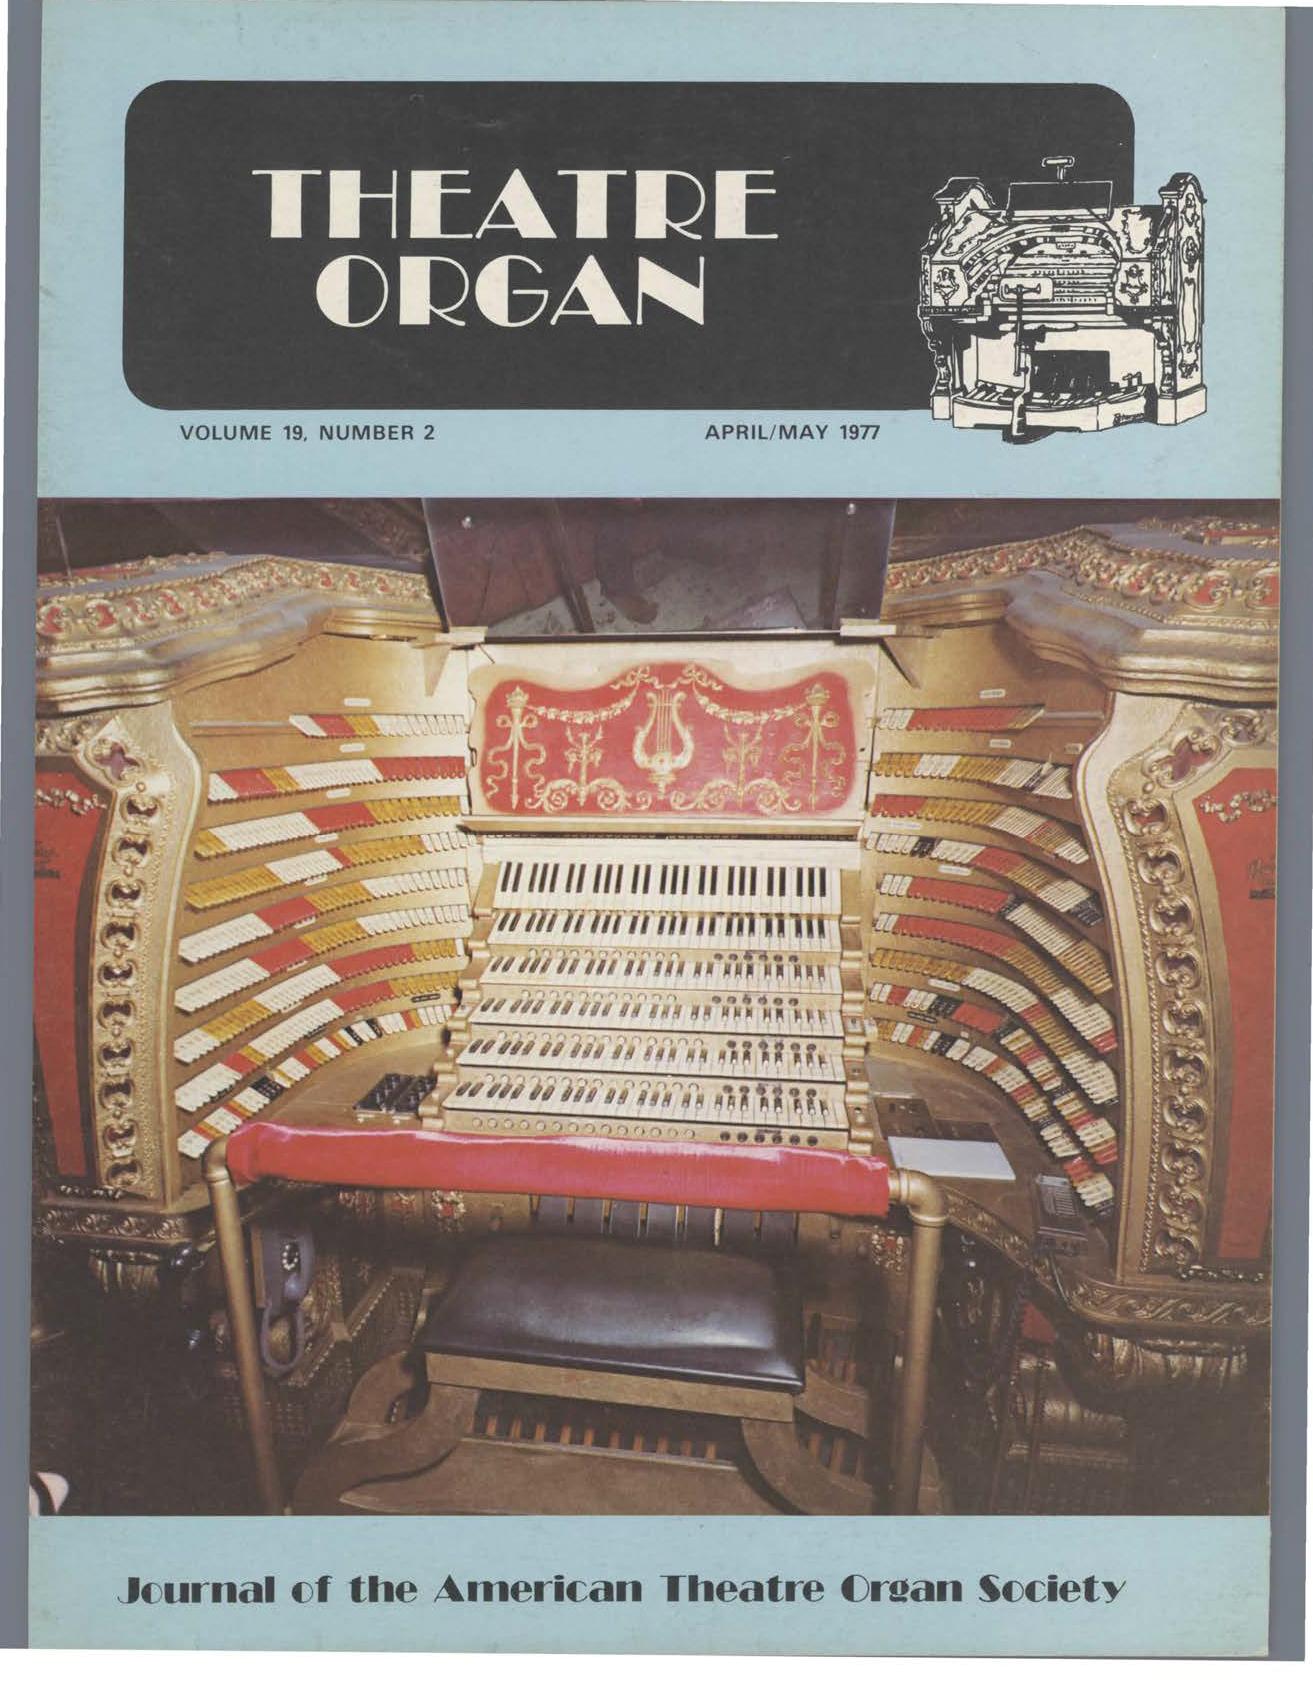 Theatre Organ, April - May 1977, Volume 19, Number 2